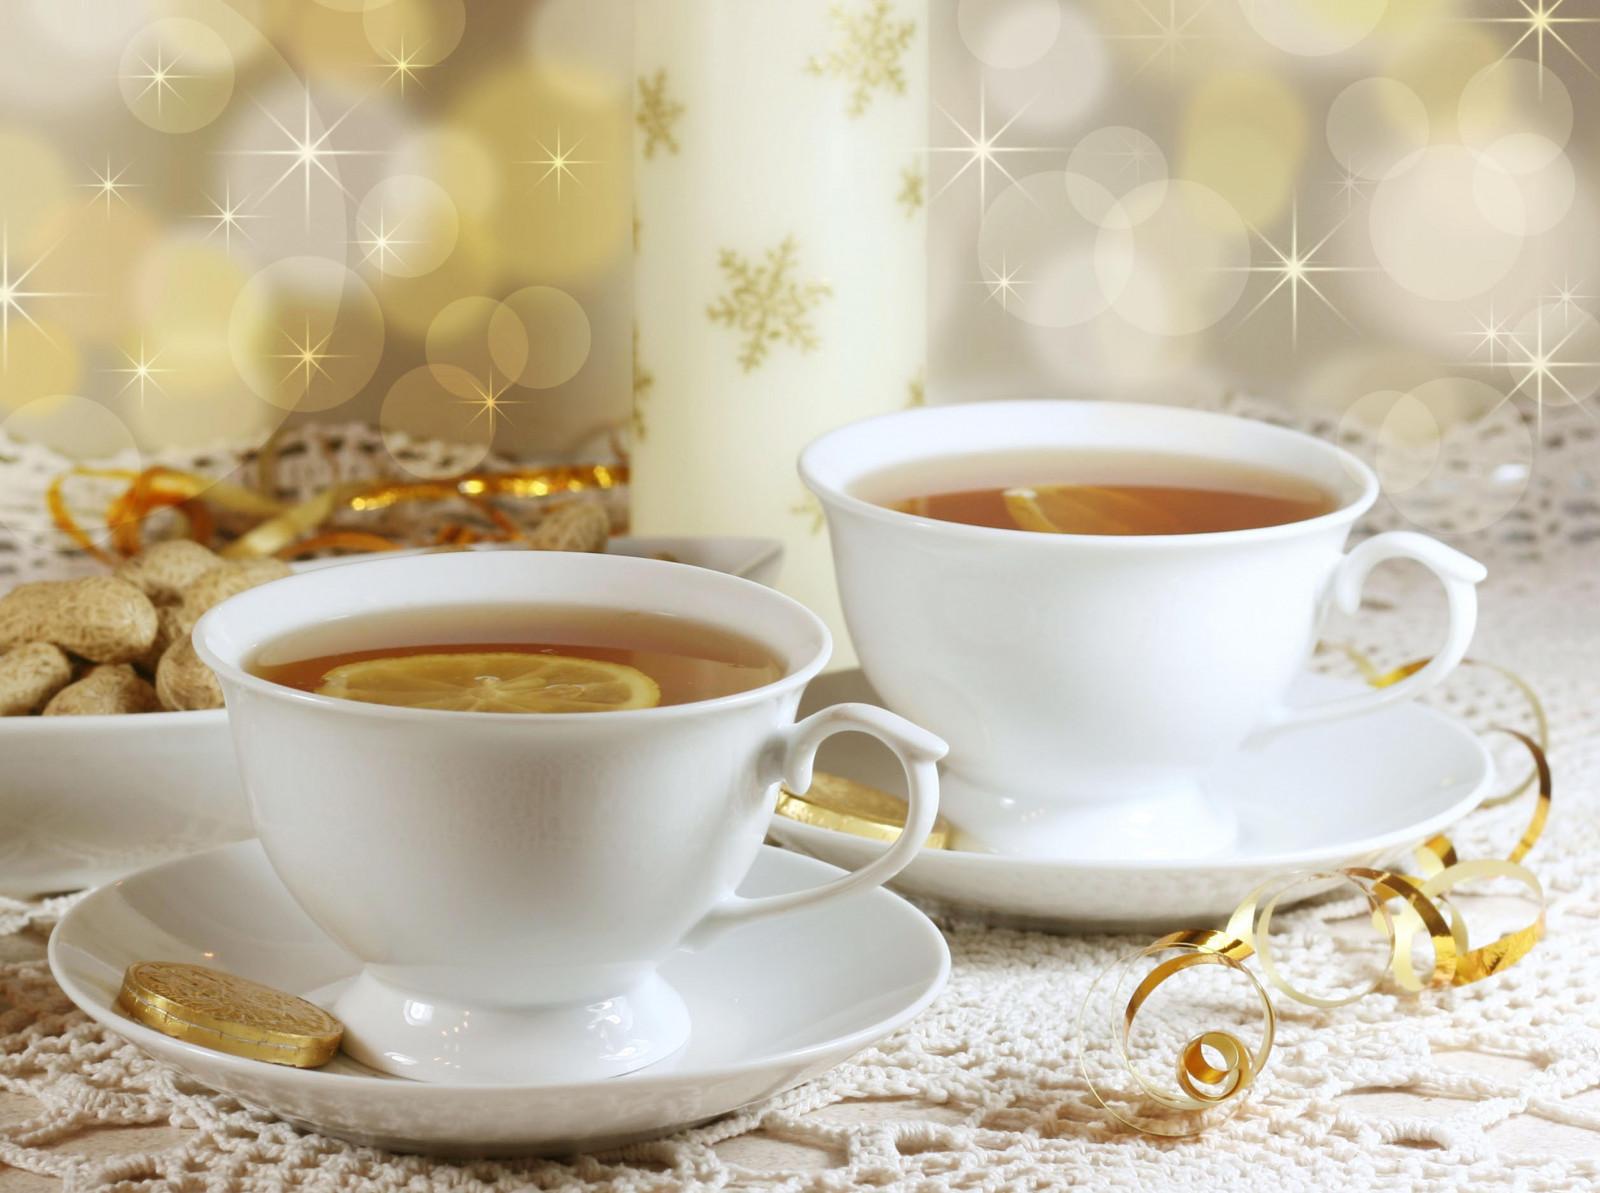 Чашка Чая Изображения Pixabay Скачать бесплатные картинки